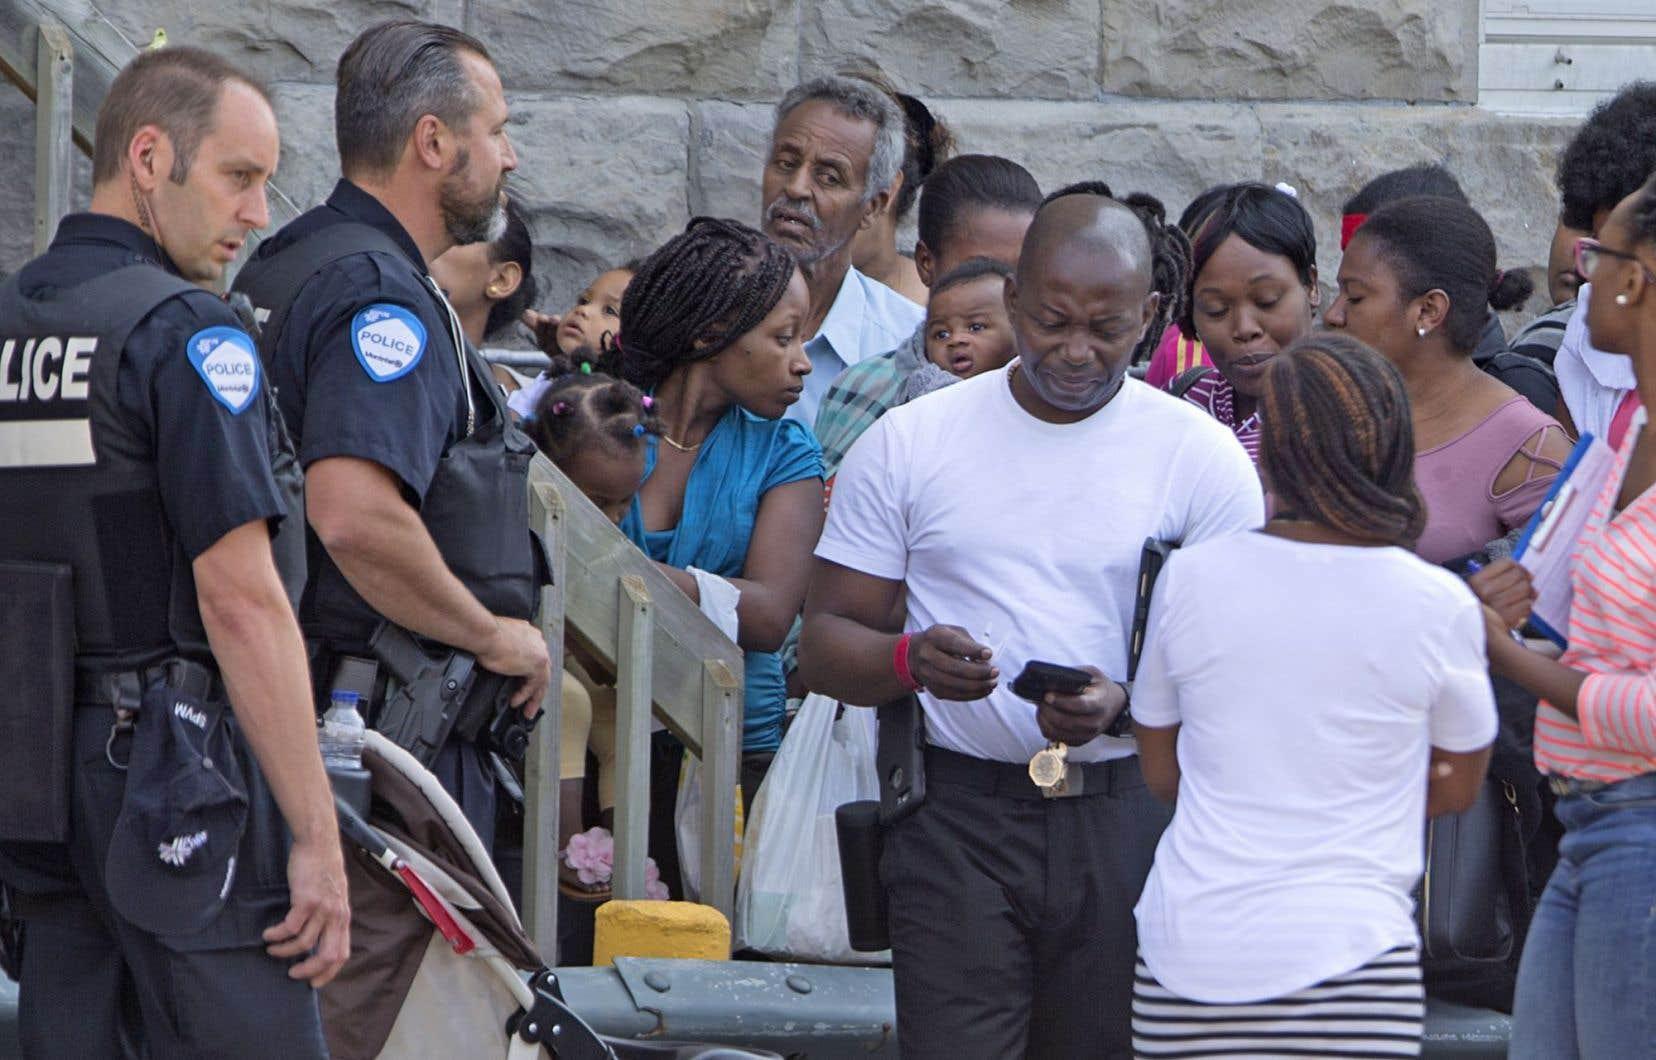 À Montréal, mercredi, des demandeurs d'asile ont fait la queue devant les nouveaux locaux du Programme régional d'accueil et d'intégration des demandeurs d'asile pour y remplir les documents nécessaires à leur requête.